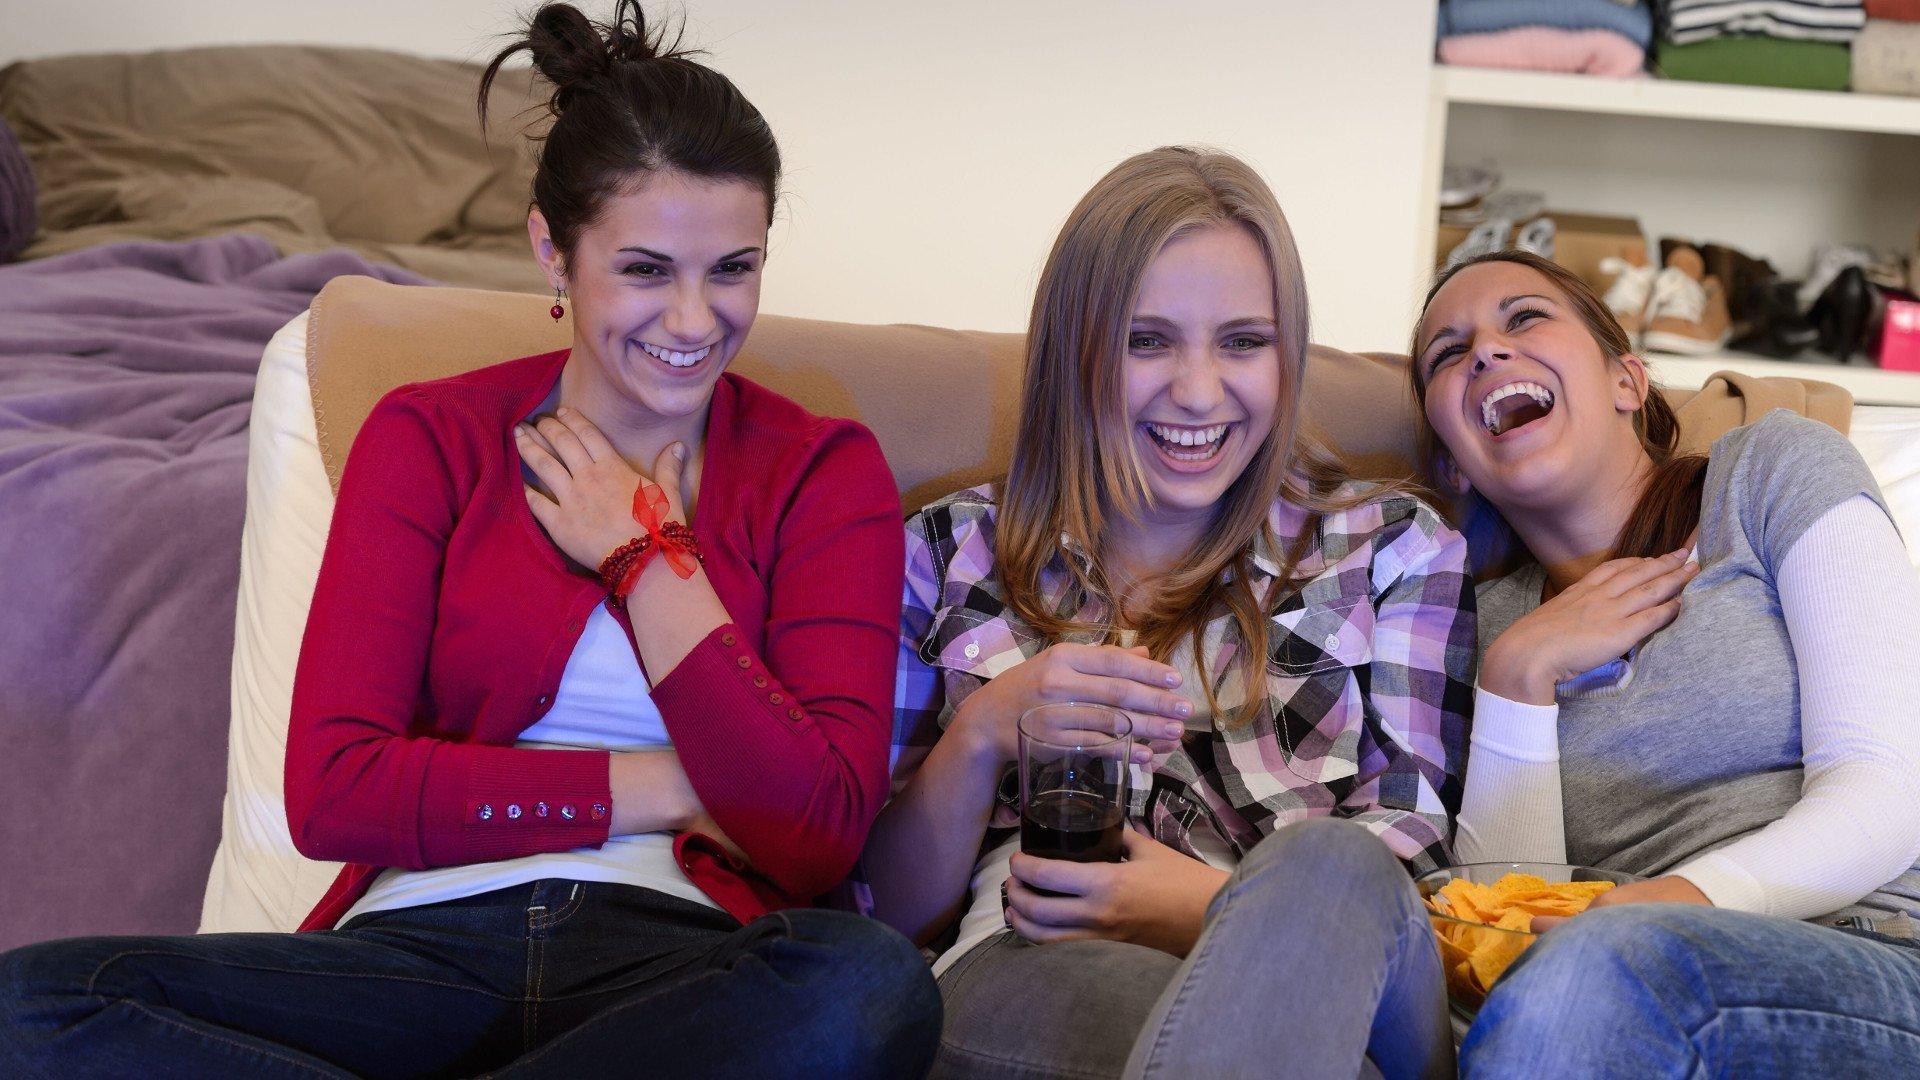 SPOT Jongeren kijken liever tv en luisteren muziek